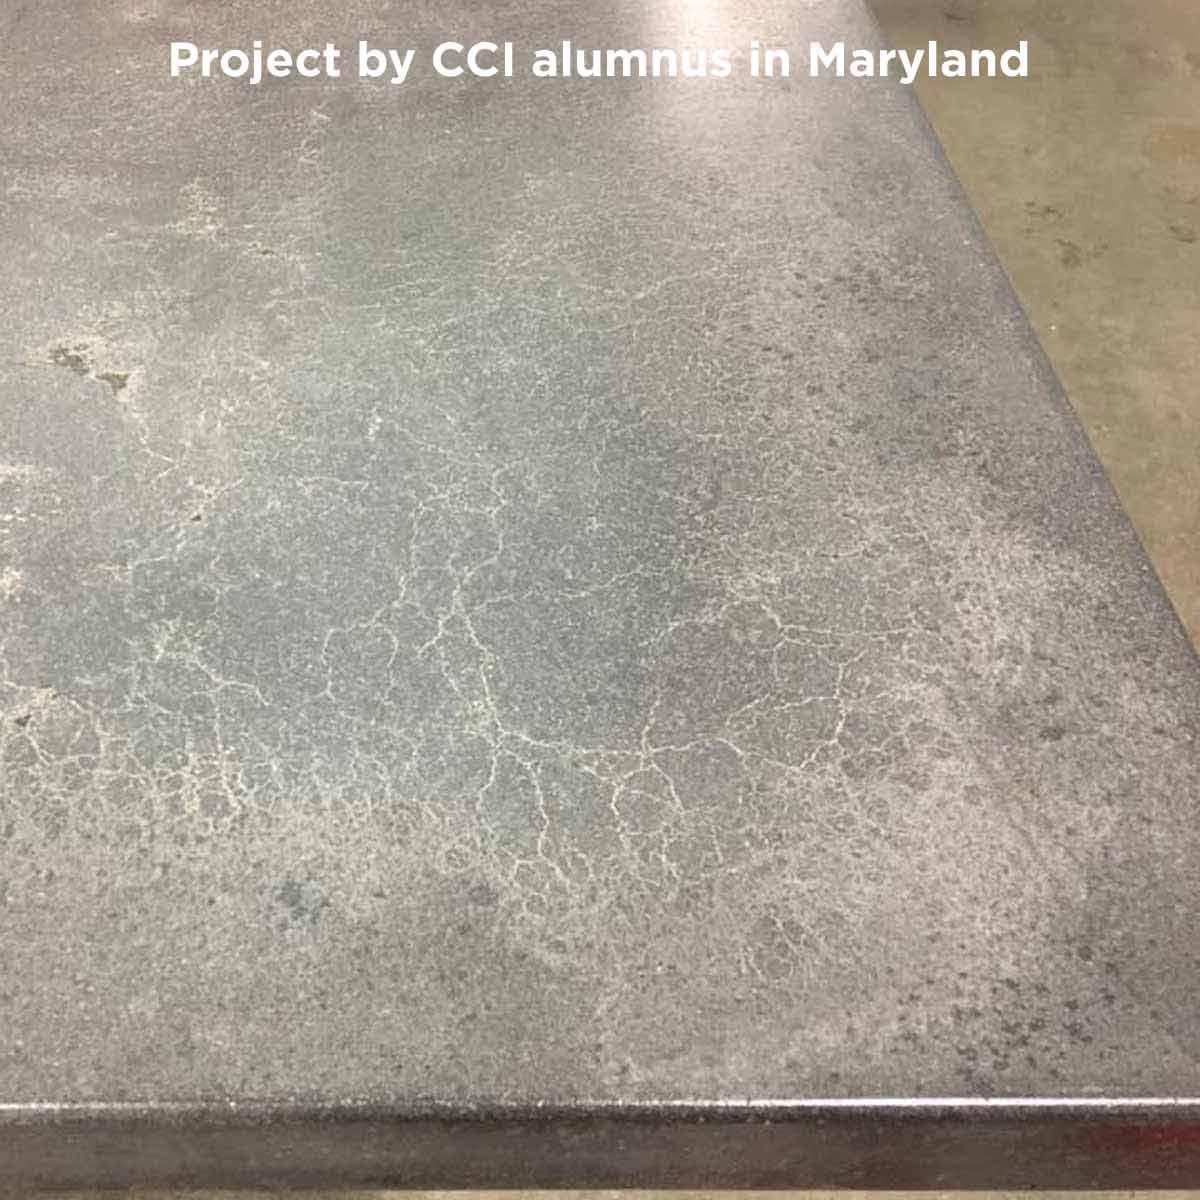 Omega Concrete Countertop Sealer